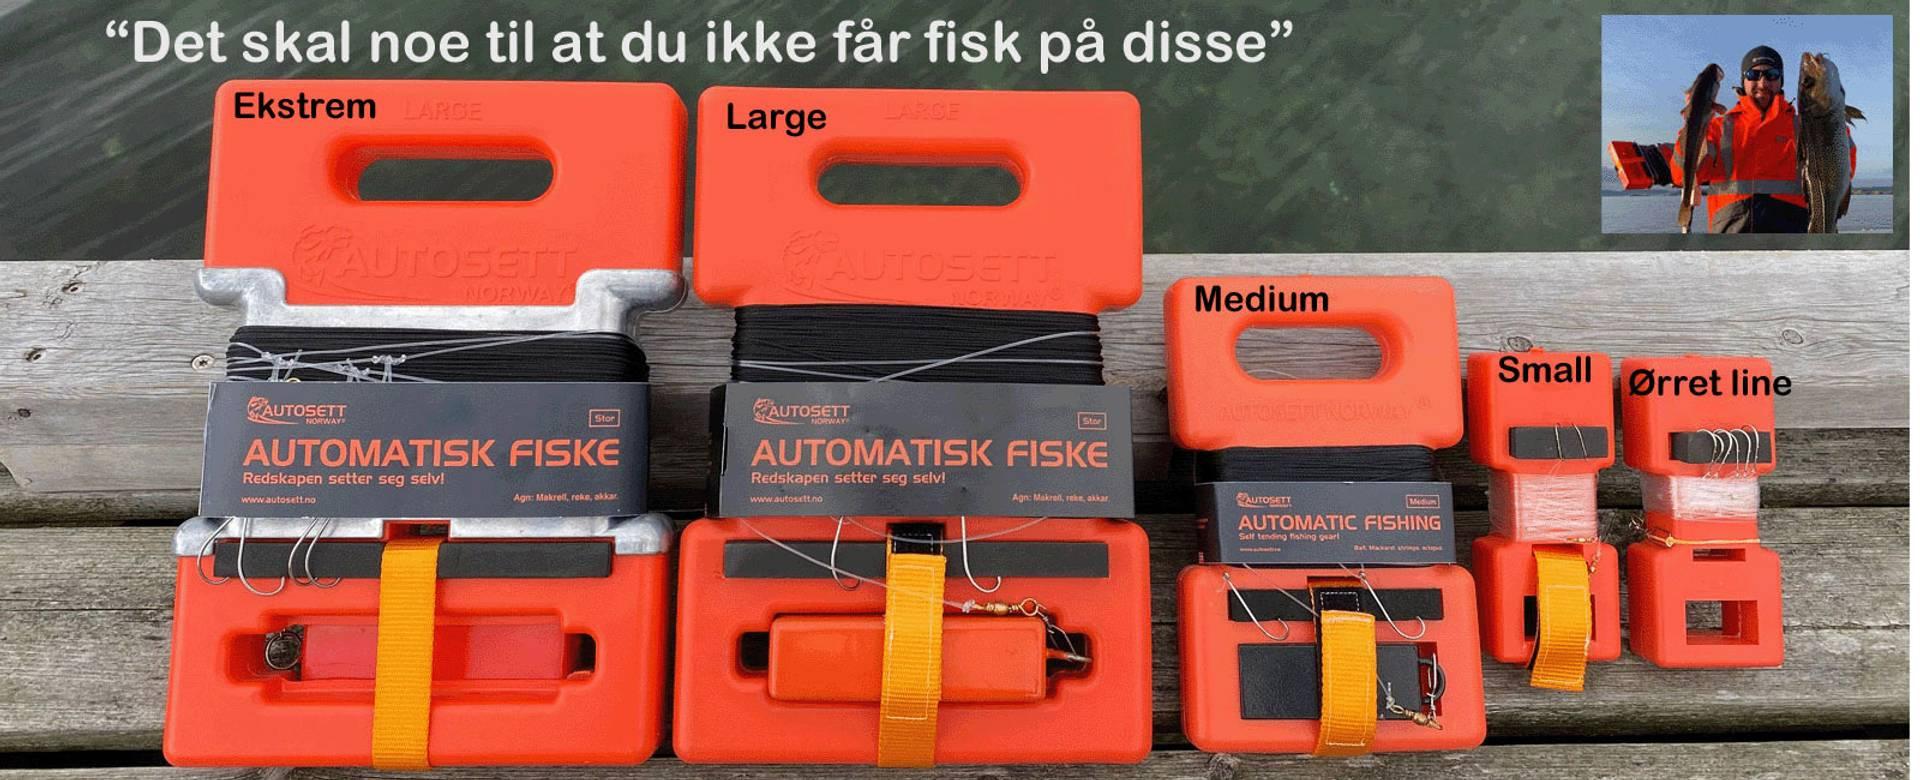 Autosett sniksnøre fiskeutstyr